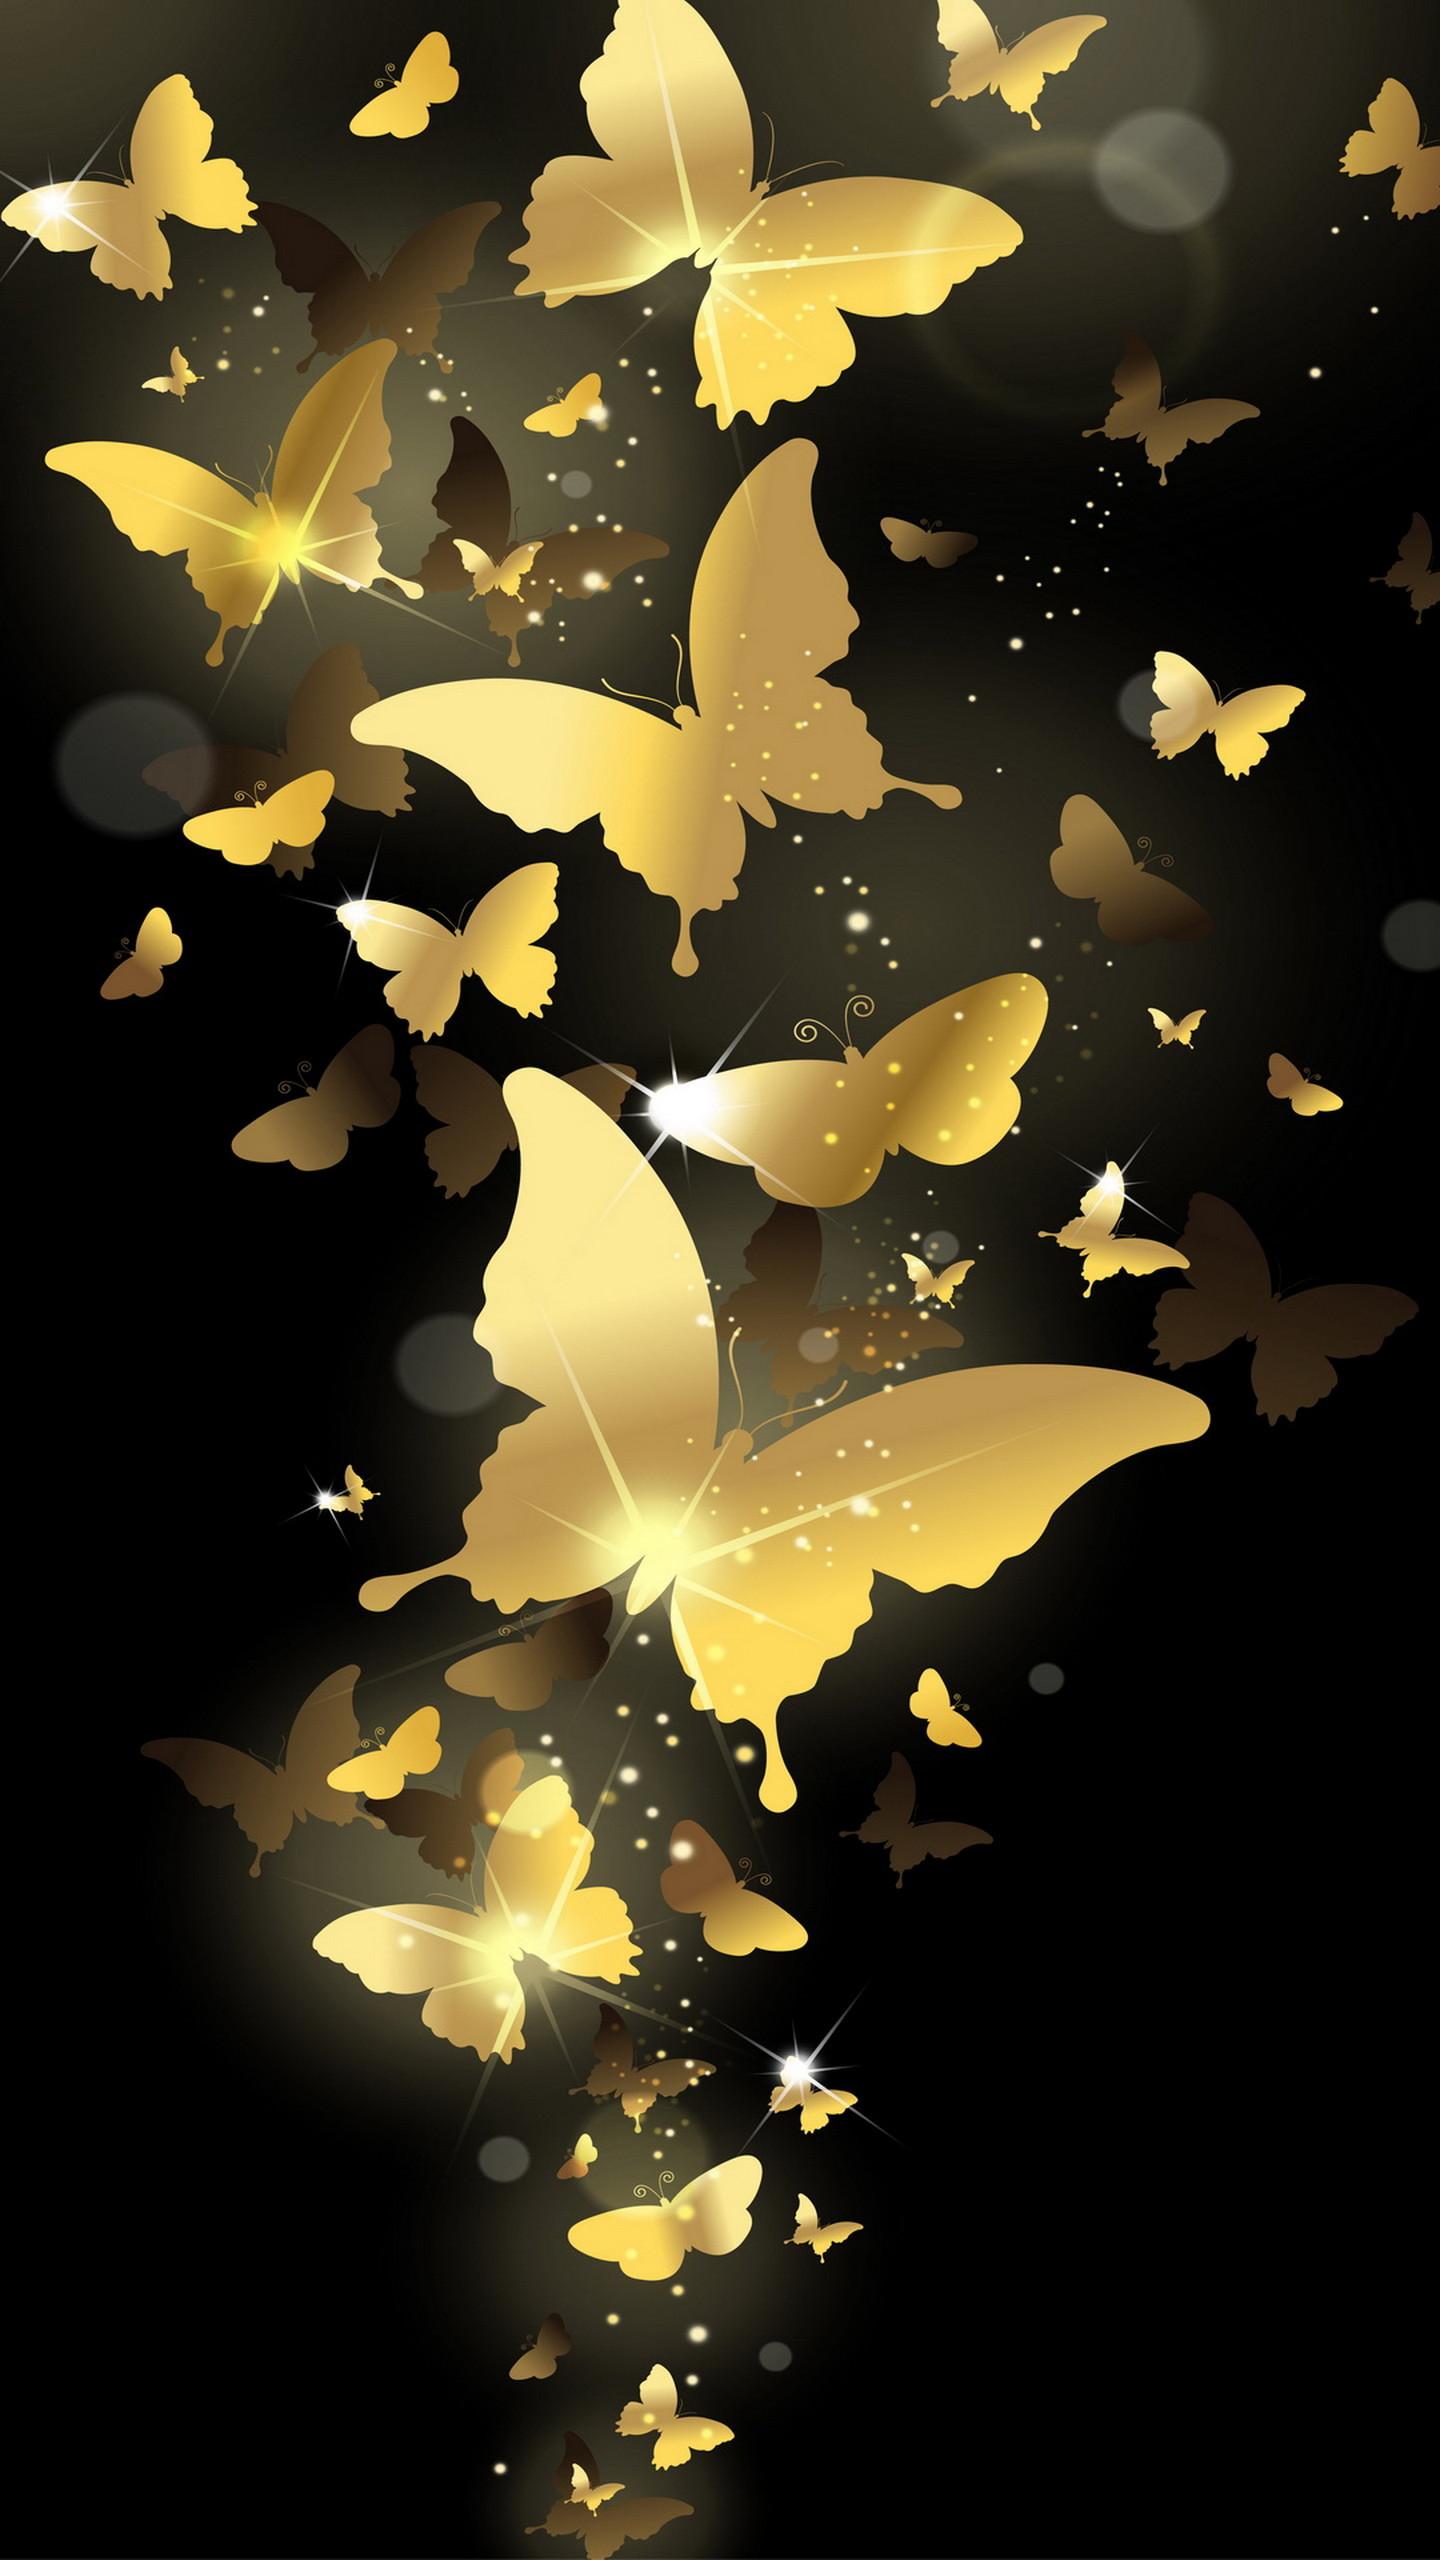 Flying Golden Butterflies Lockscreen Lock Screen Samsung Galaxy  Note 4 Wallpaper, Quad HD,